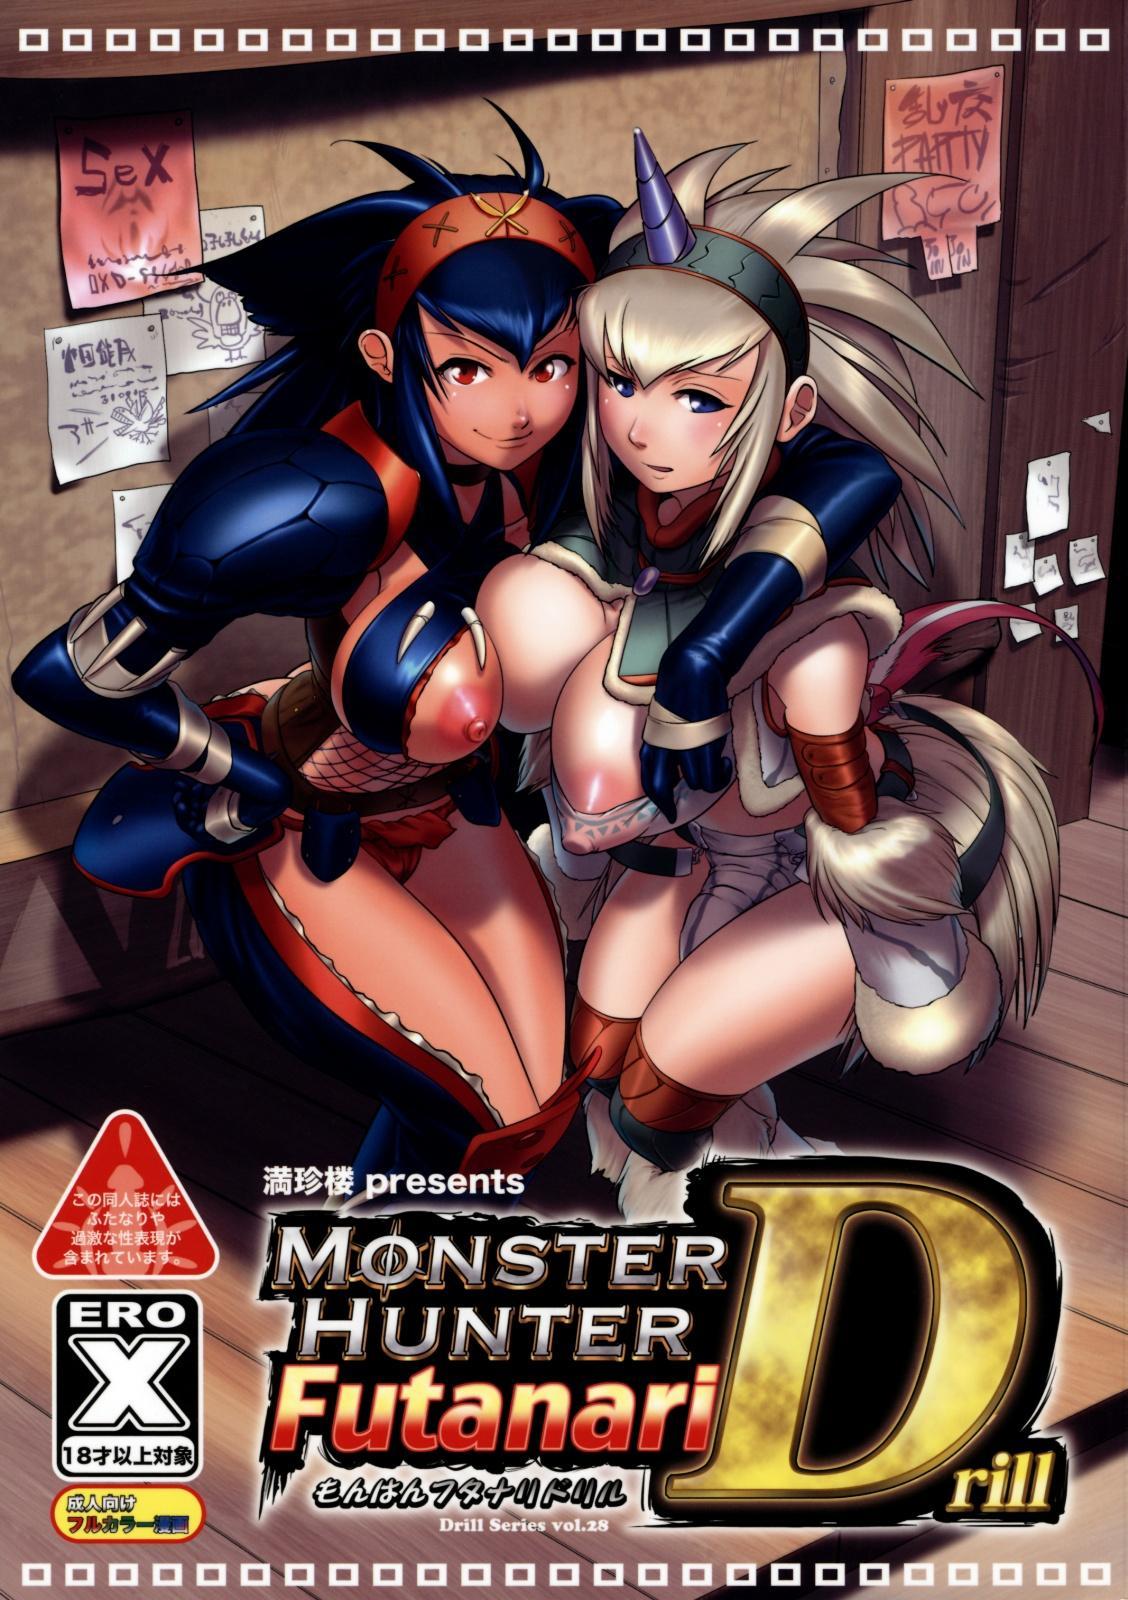 Monster Hunter Futanari Drill 0